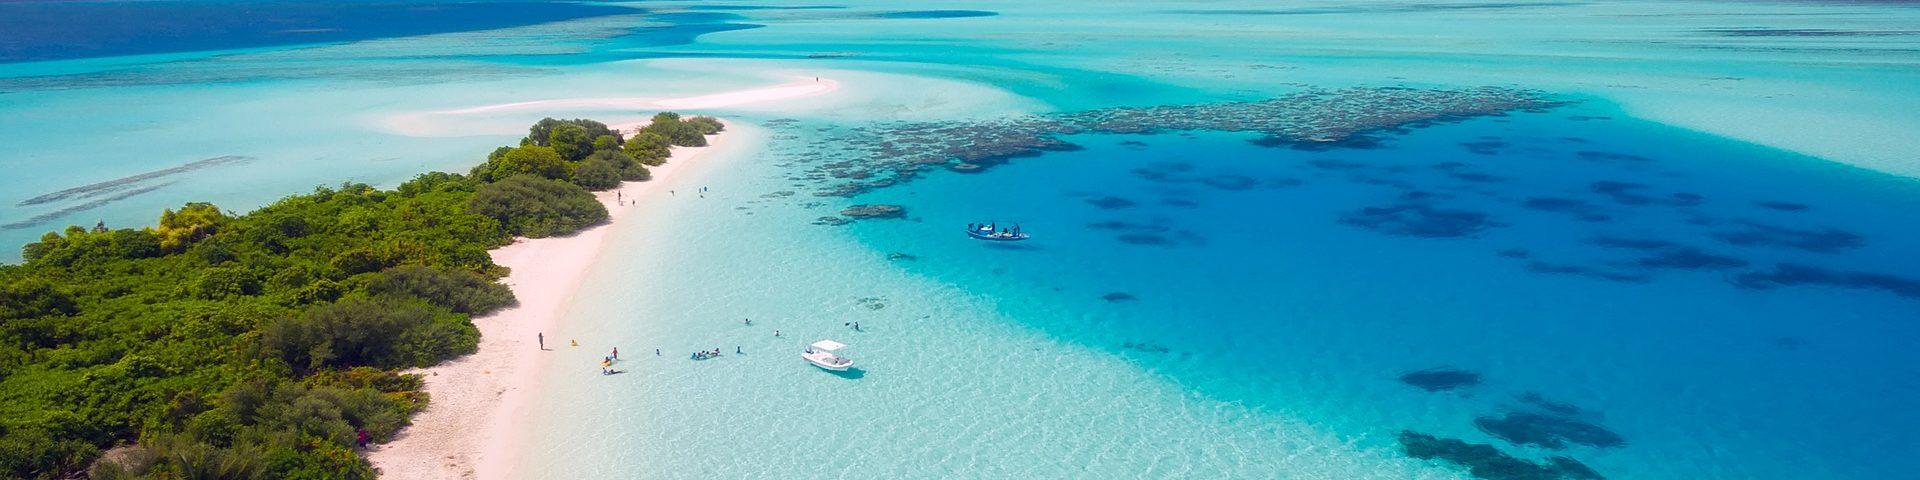 Best Beaches in Maldives - Coffee Meets Beach